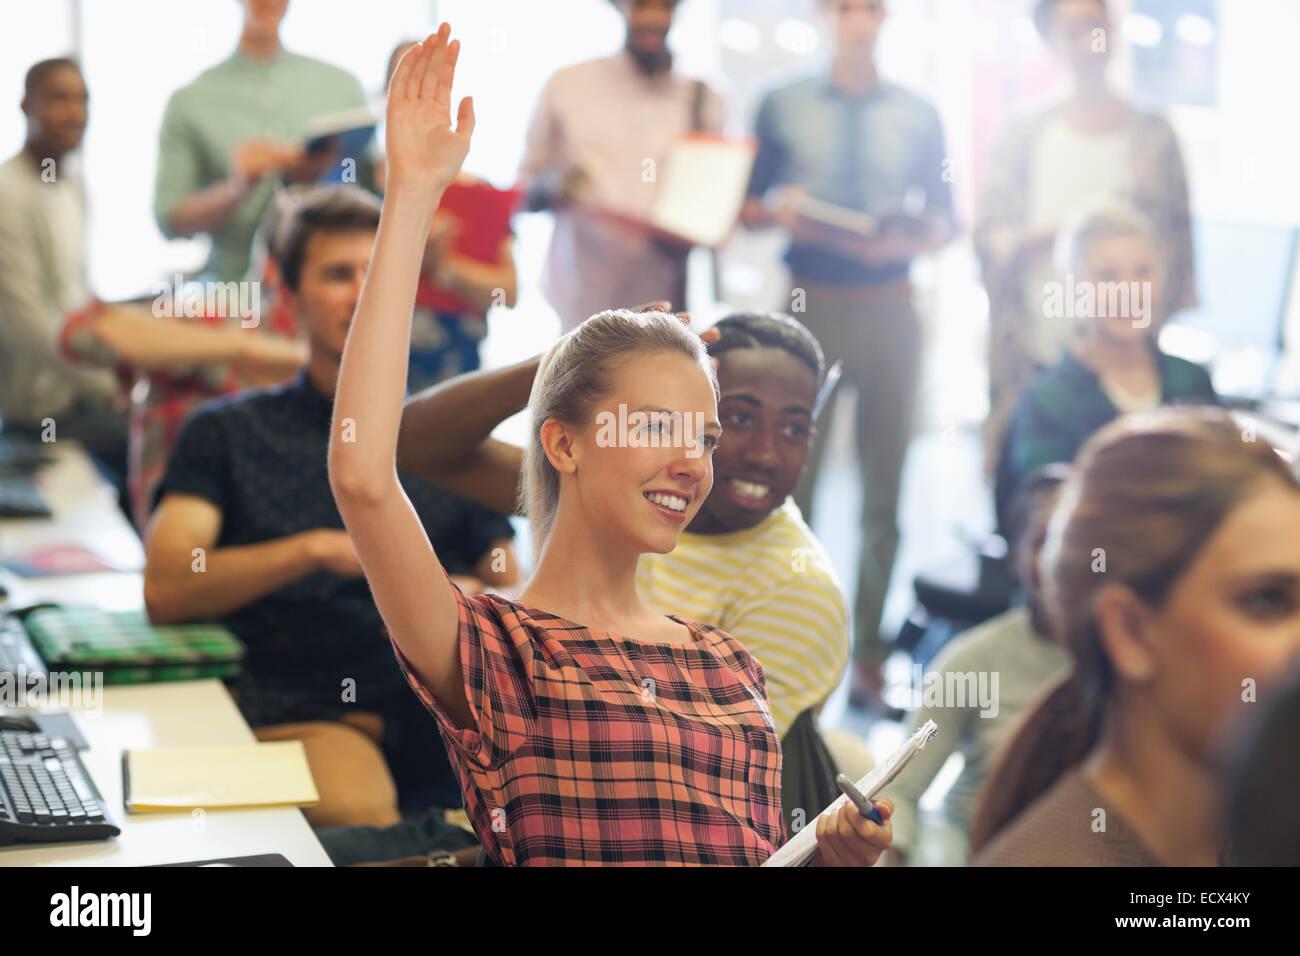 Estudiante universitario levantando la mano al seminario de TI Imagen De Stock